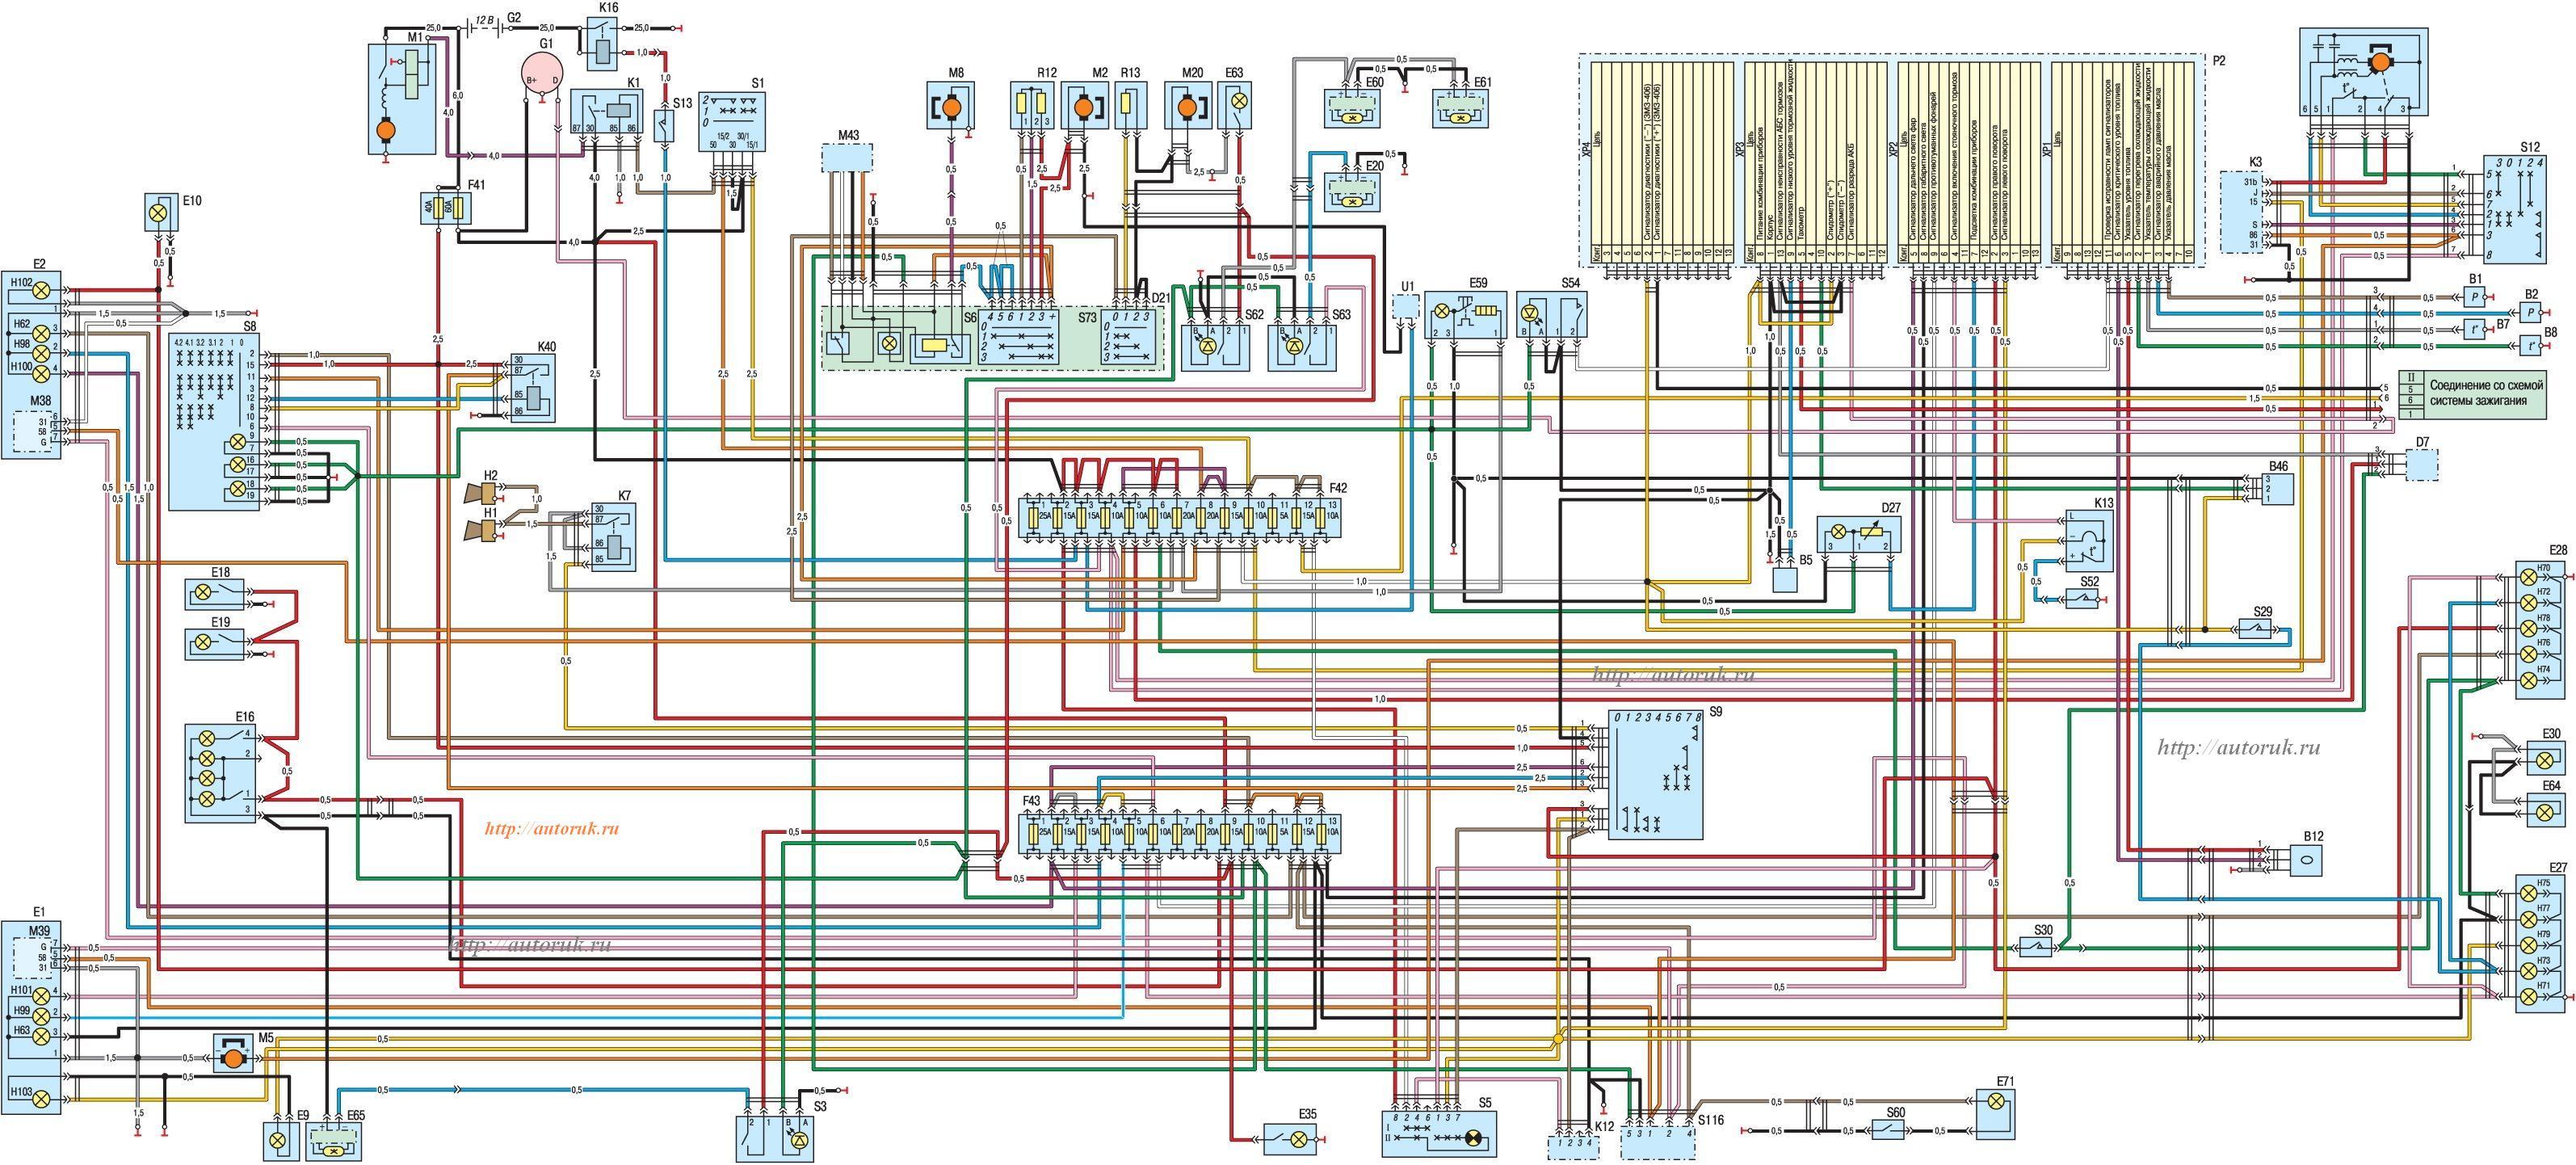 Электровоз вл80с схема набора и сброса